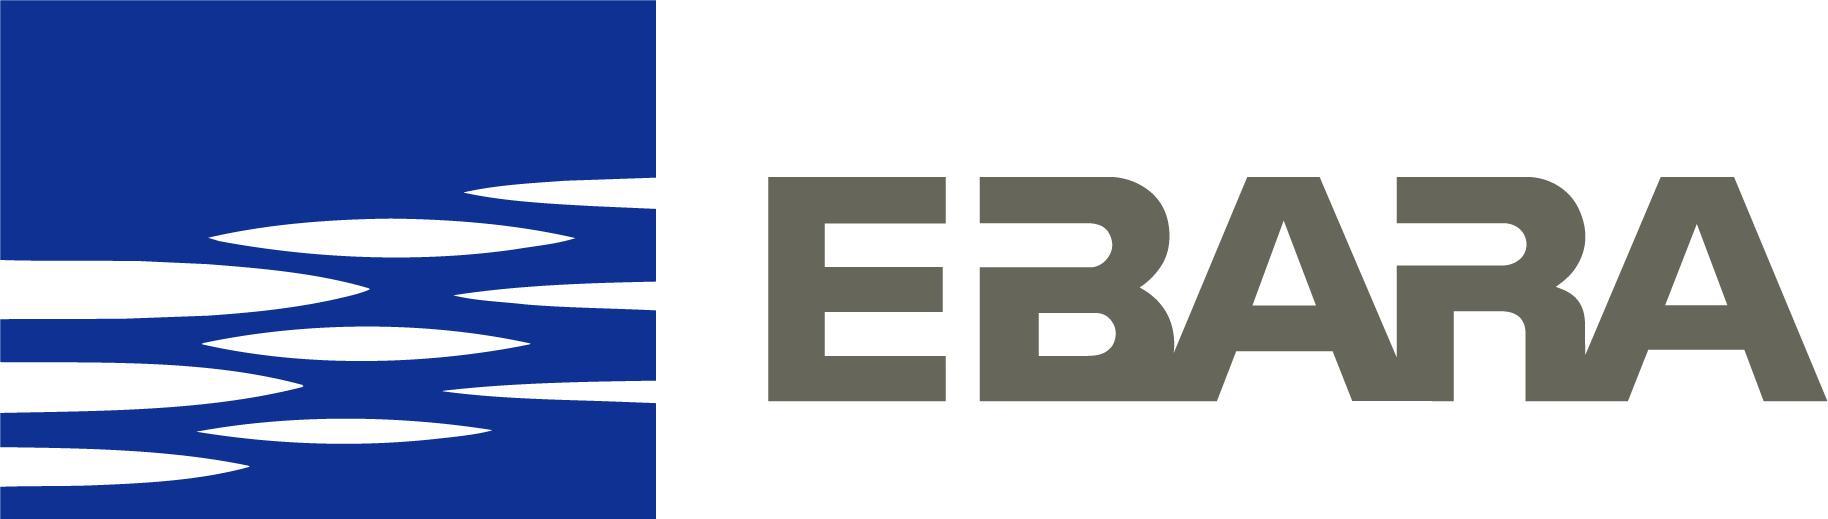 EBARA LOGOSU